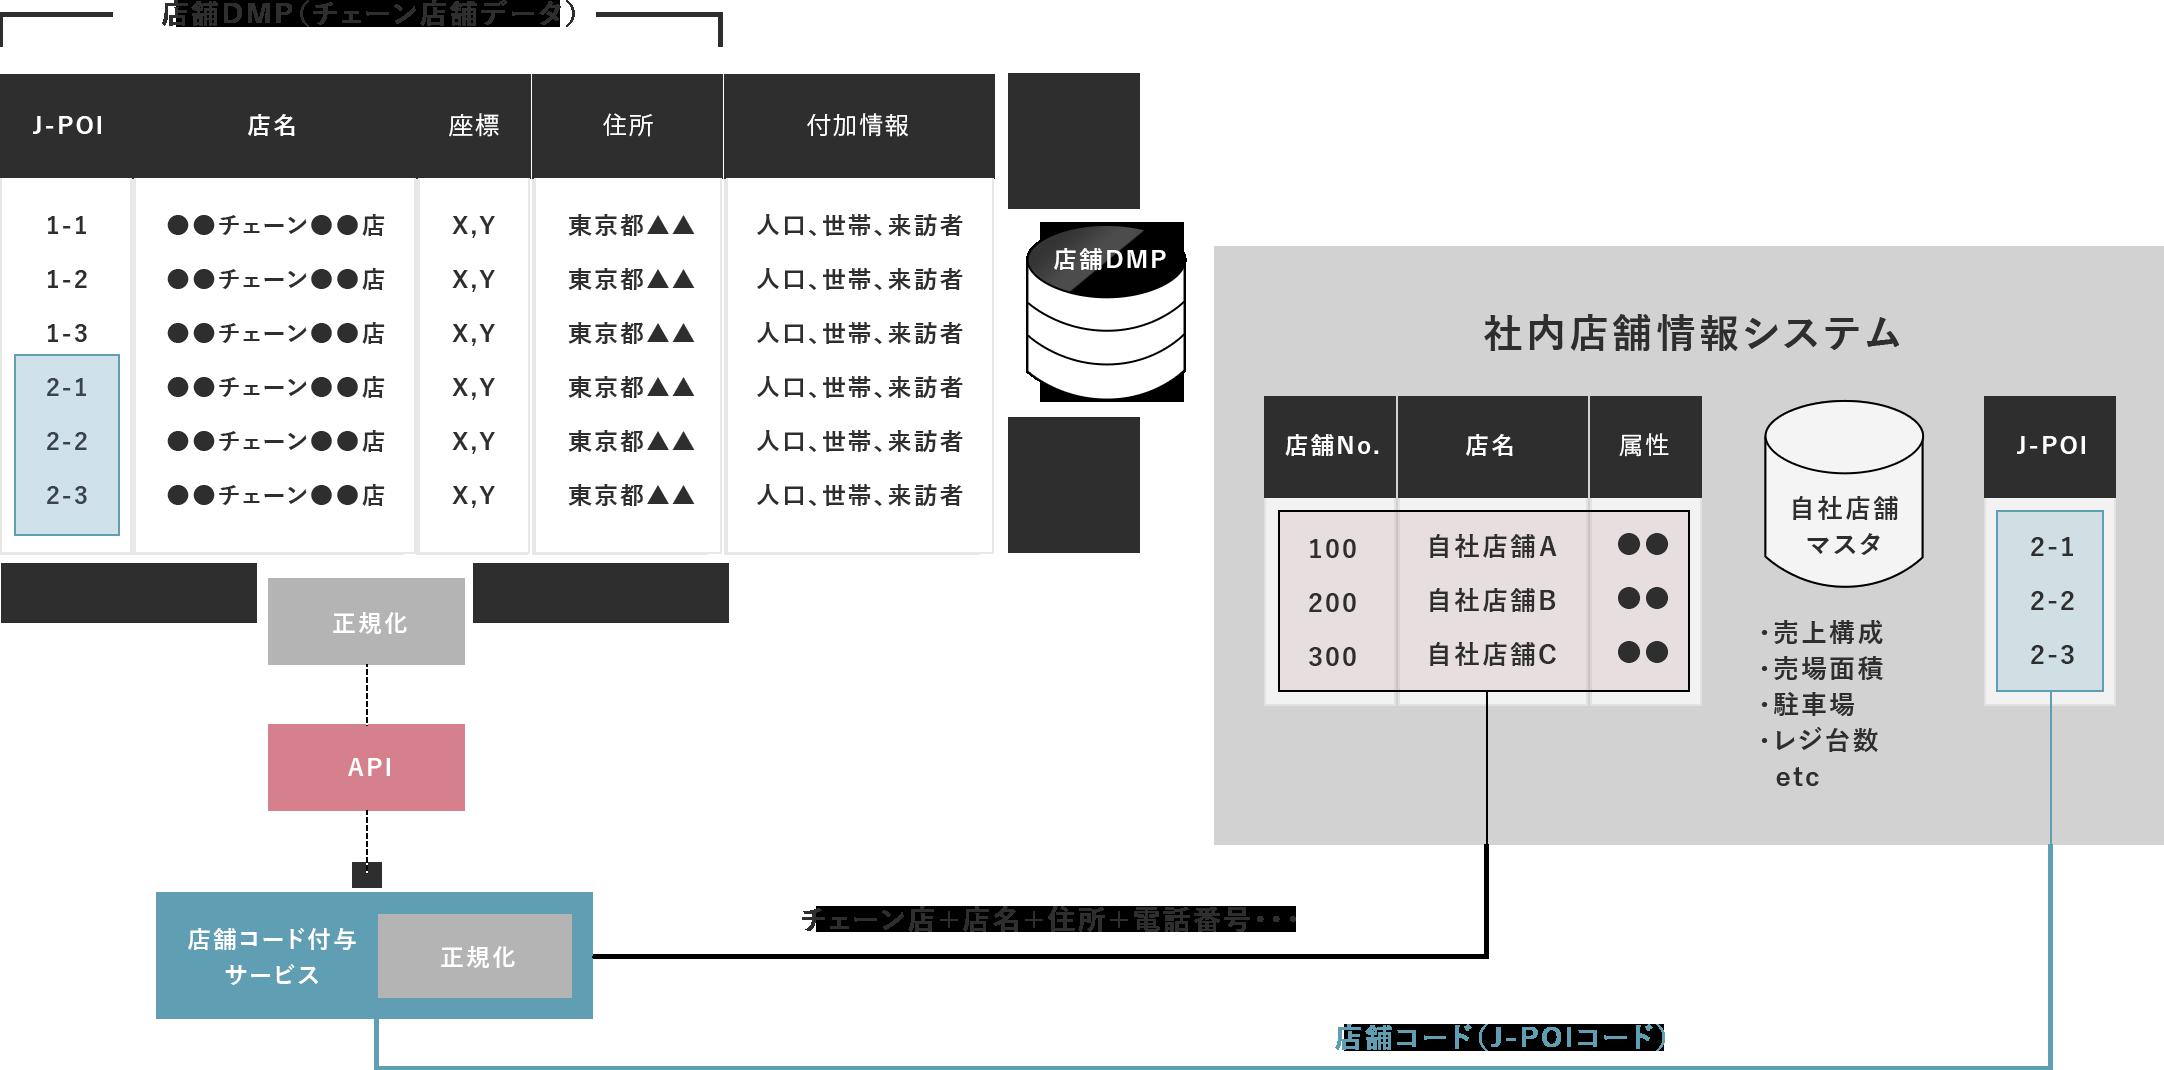 社内店舗情報システム